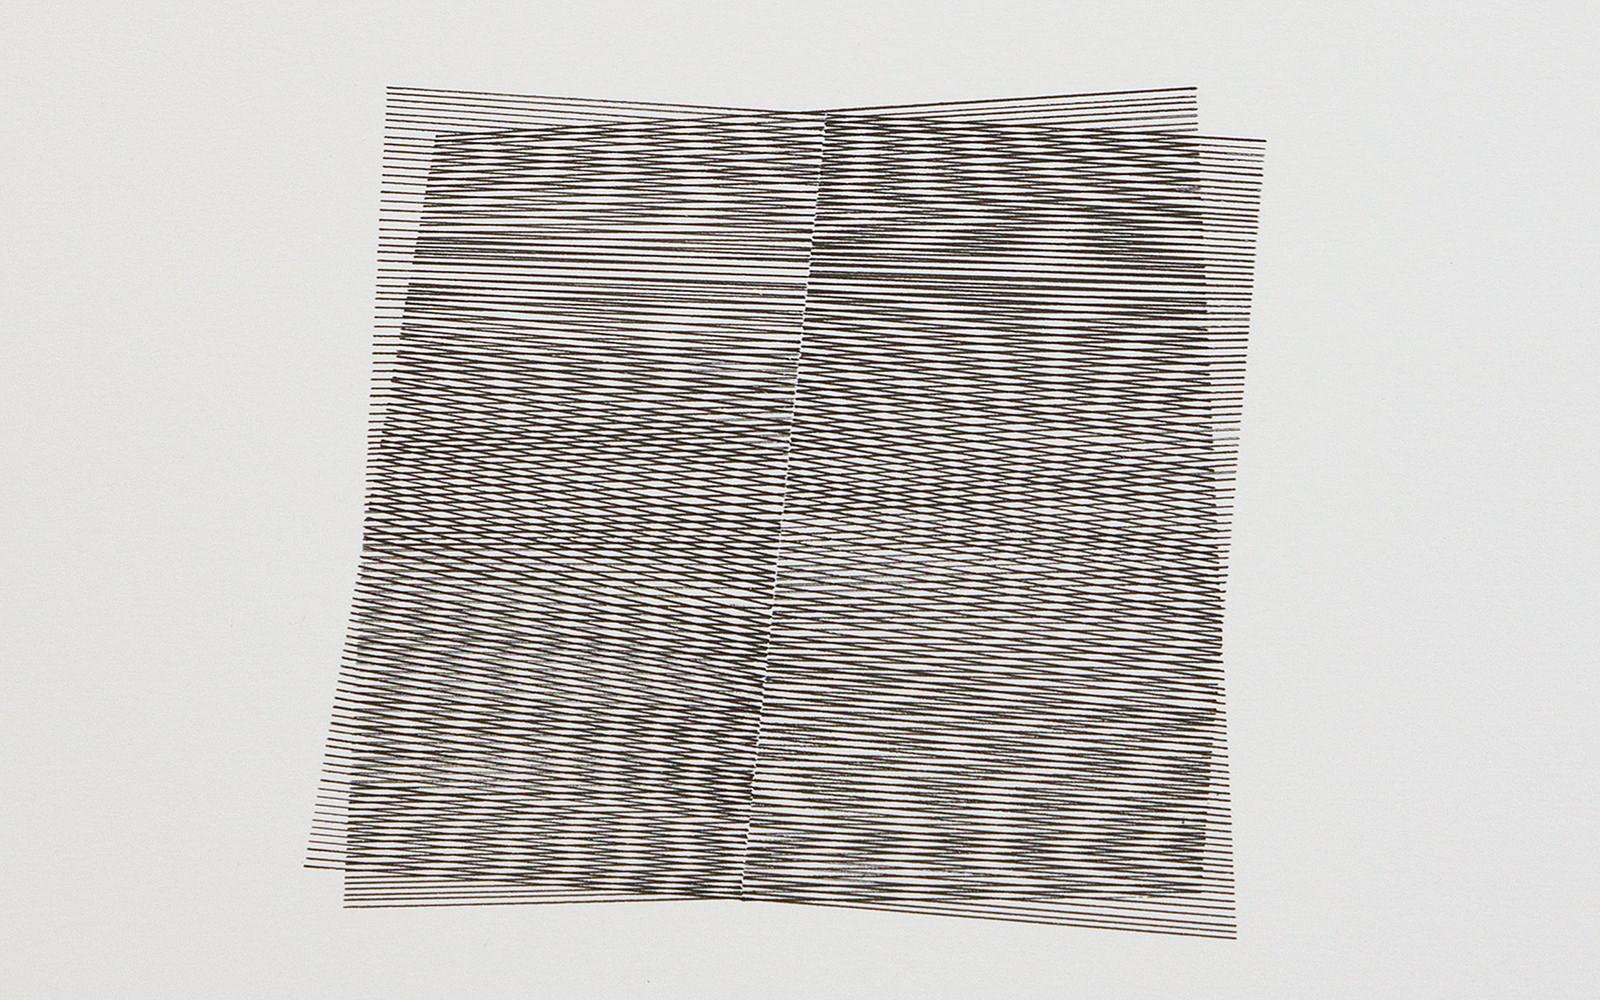 Moires 18, 2018, Ink on Cardboard, 30 x 30 cm